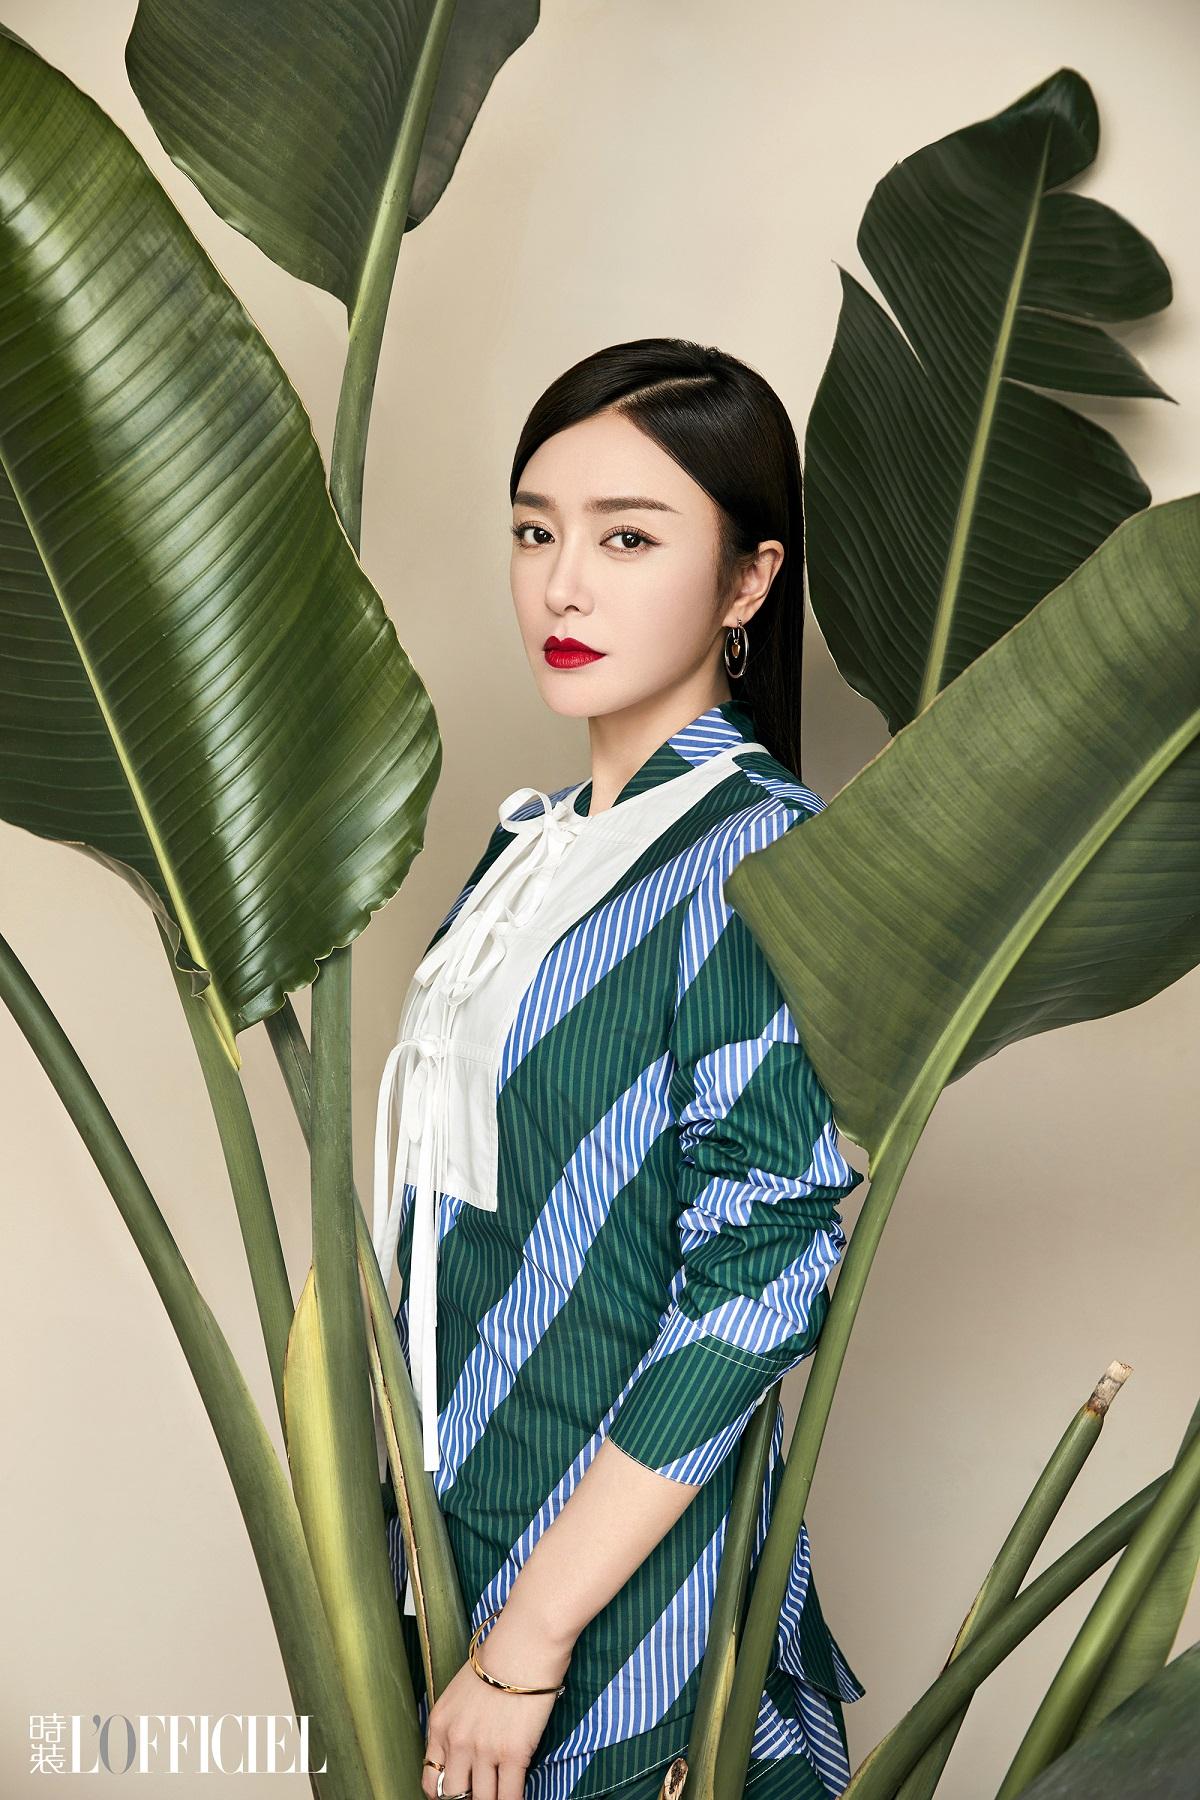 秦岚登七月刊封面 演绎优雅知性魅力女人